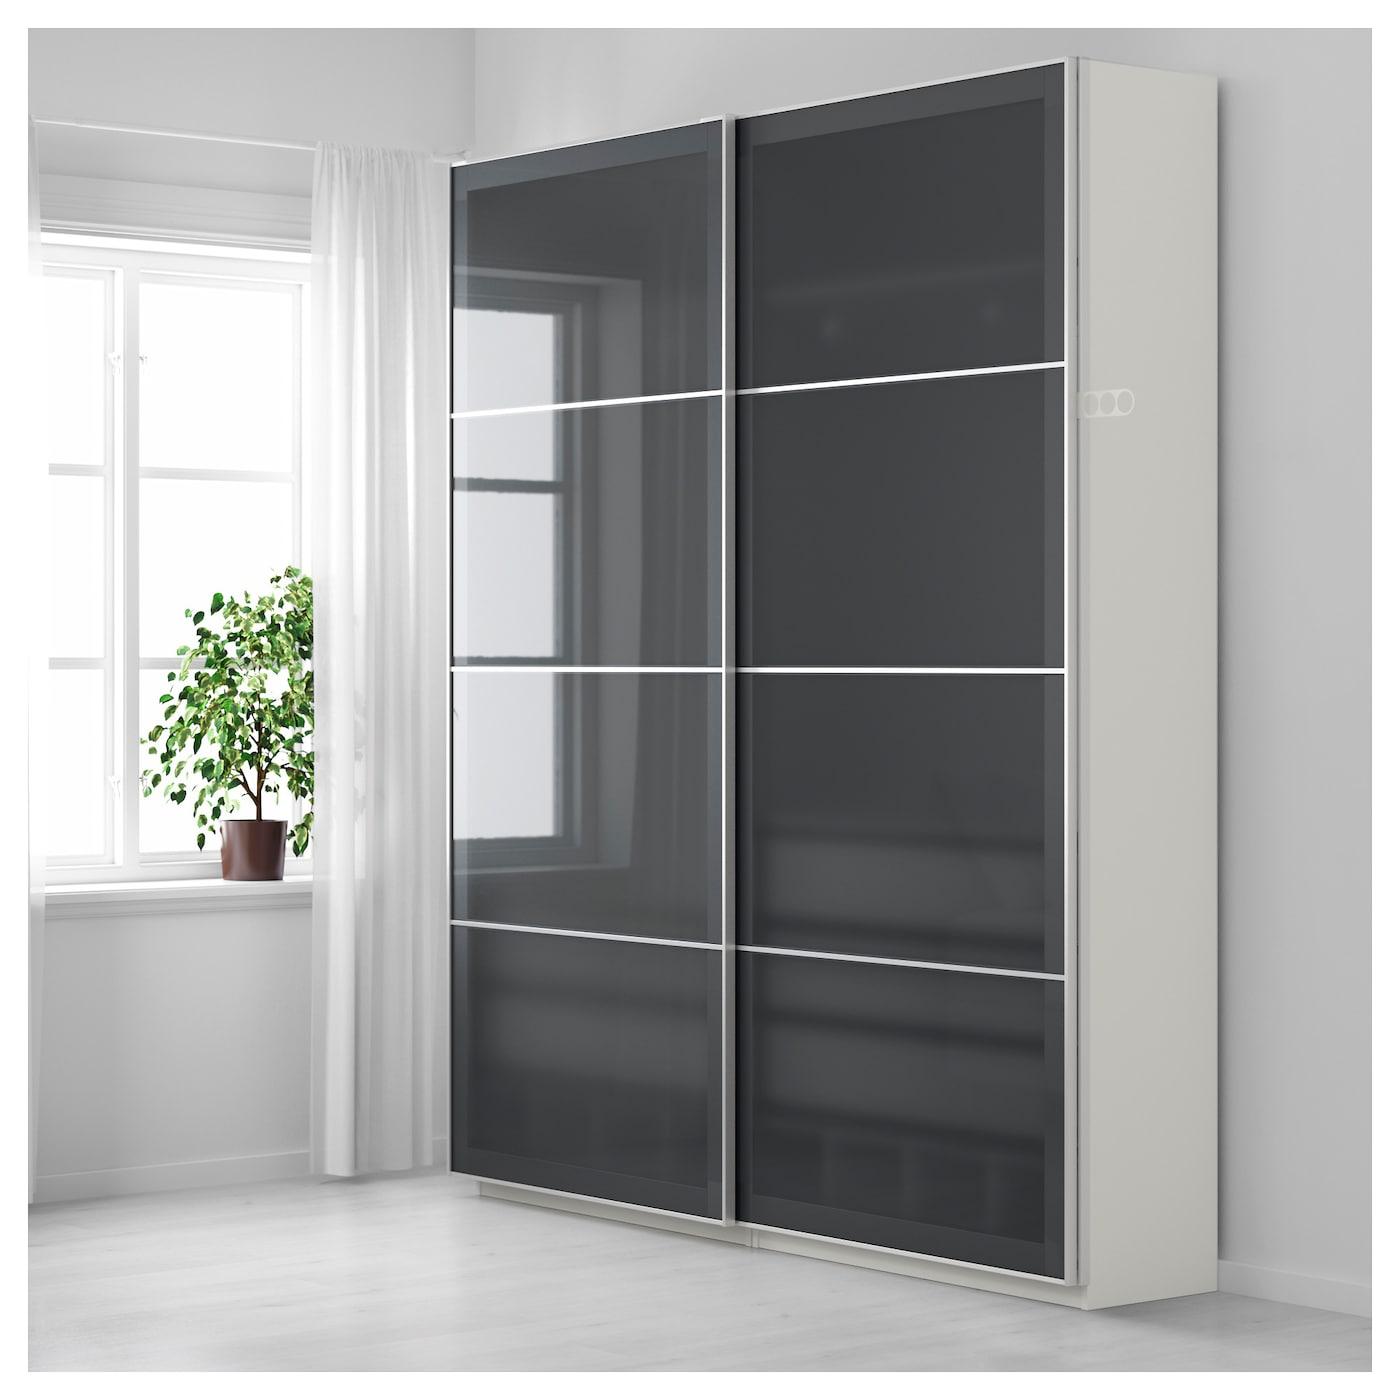 Pax Wardrobe White Uggdal Grey Glass 200 X 44 X 236 Cm Ikea